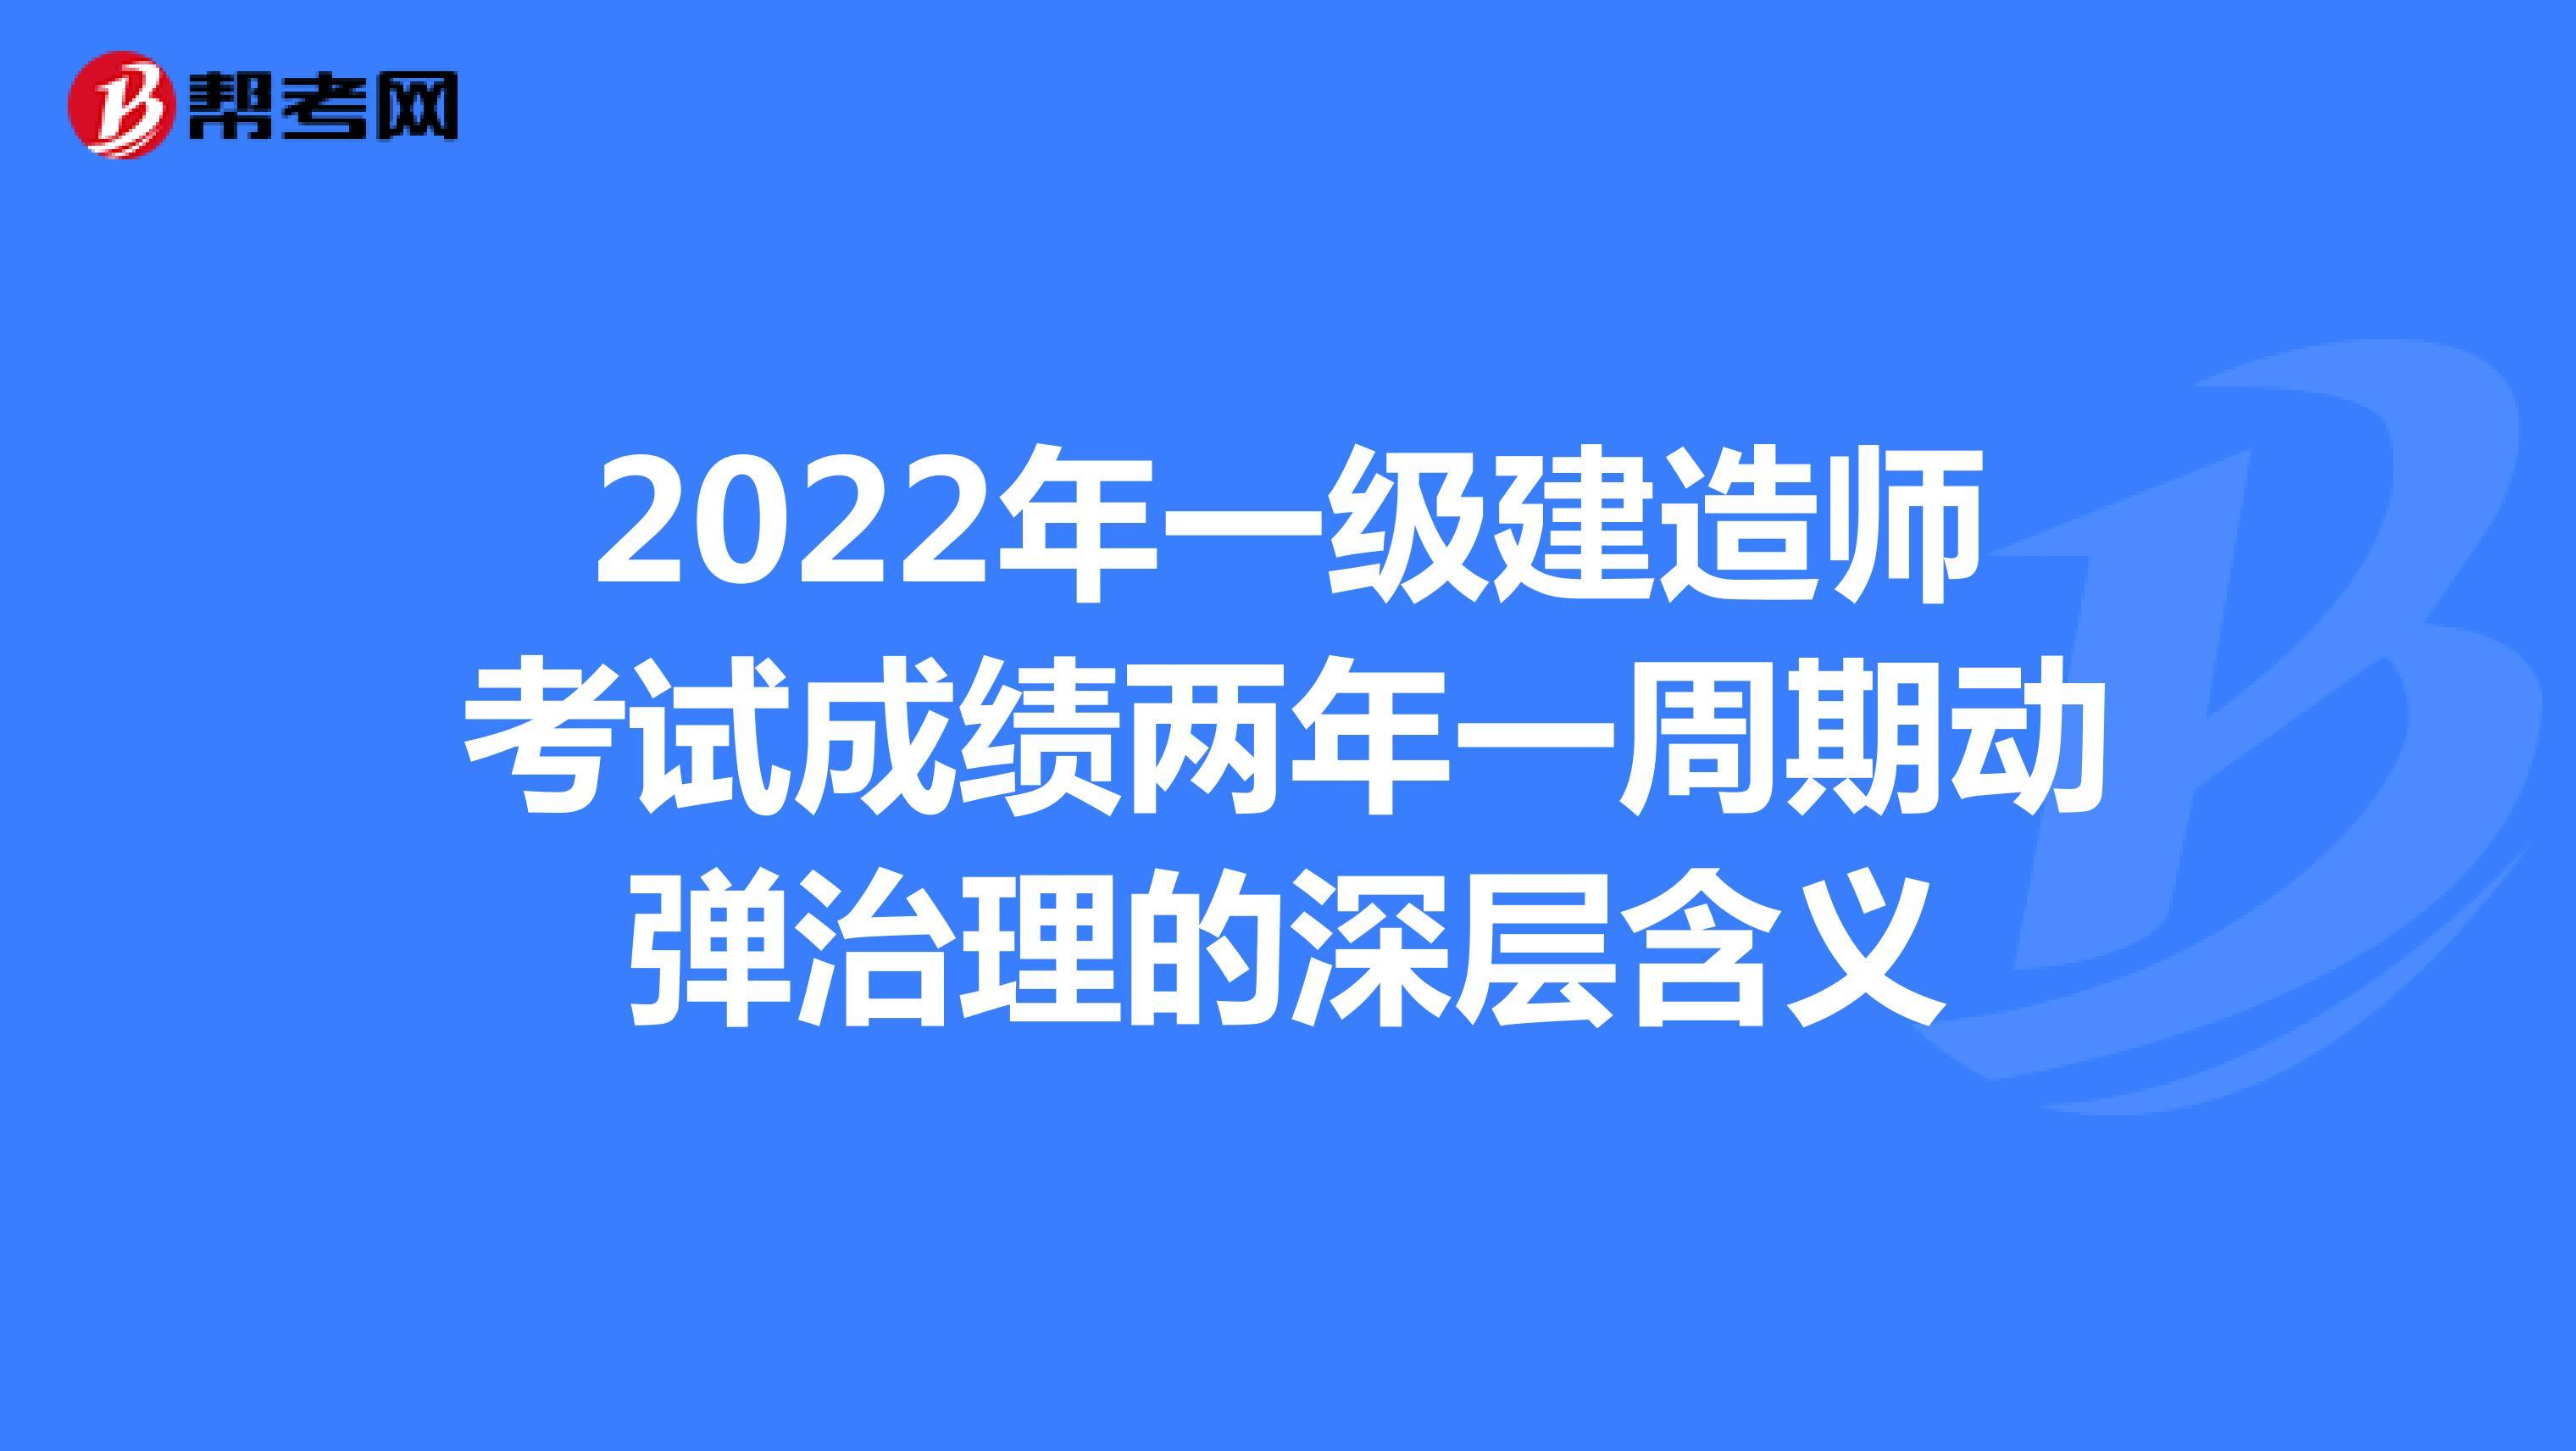 2022年一级建造师考试成绩两年一周期动弹治理的深层含义